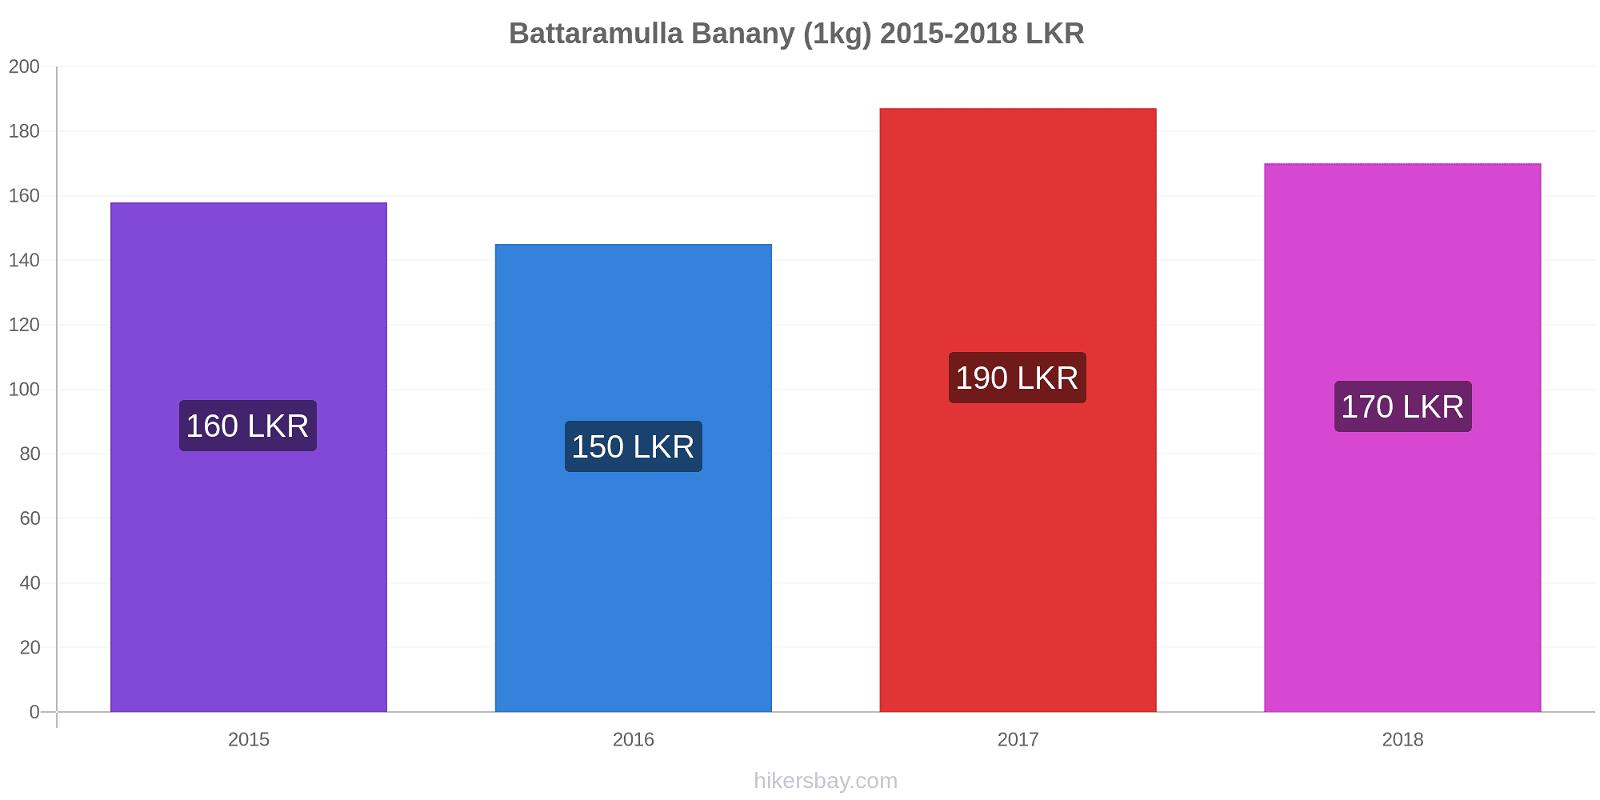 Battaramulla zmiany cen Banany (1kg) hikersbay.com